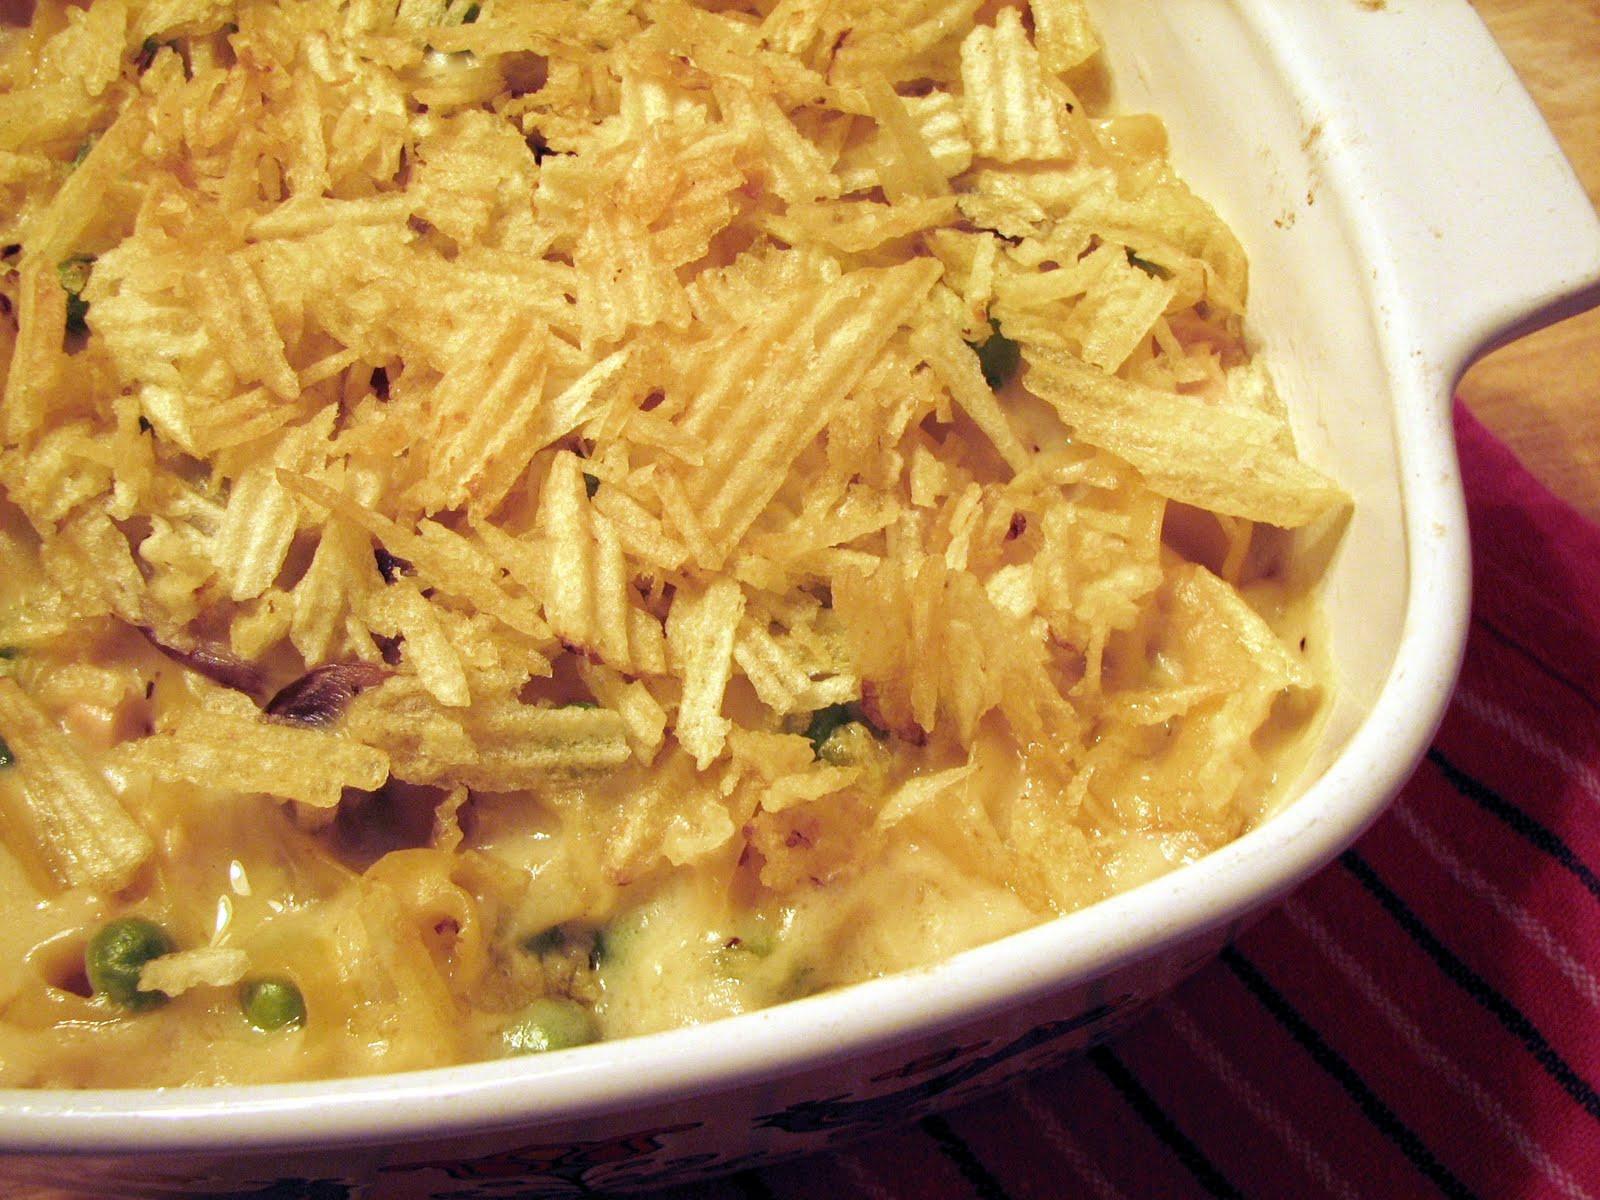 Simple Tuna Casserole  Lynda s Recipe Box Easy Tuna Casserole a no soup version